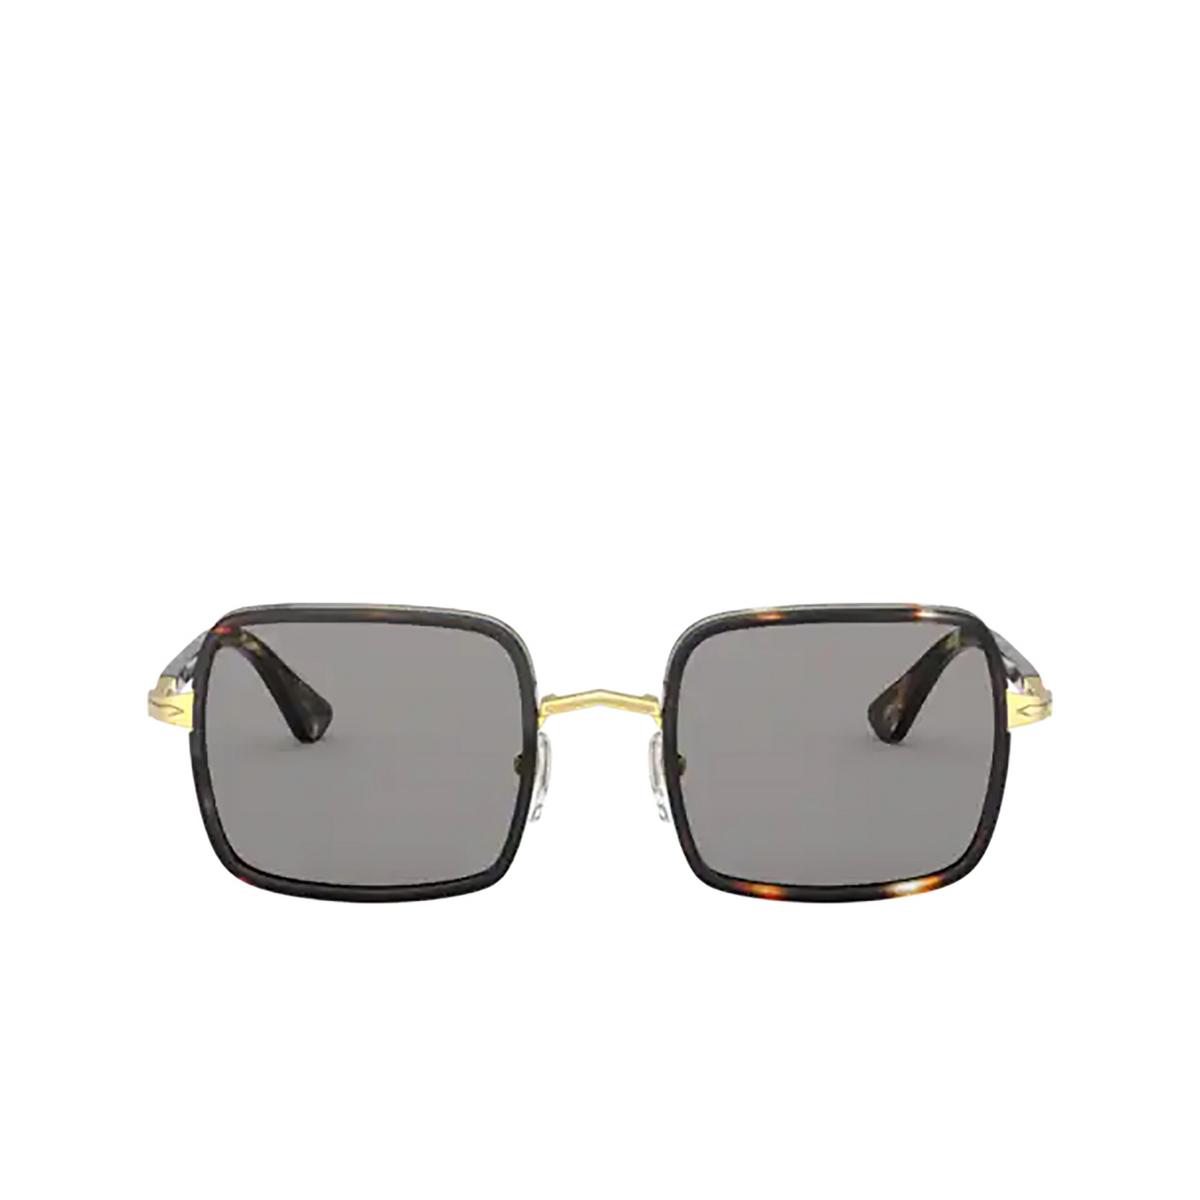 Persol® Square Sunglasses: PO2475S color Gold & Striped Browne & Smoke 1100R5 - front view.